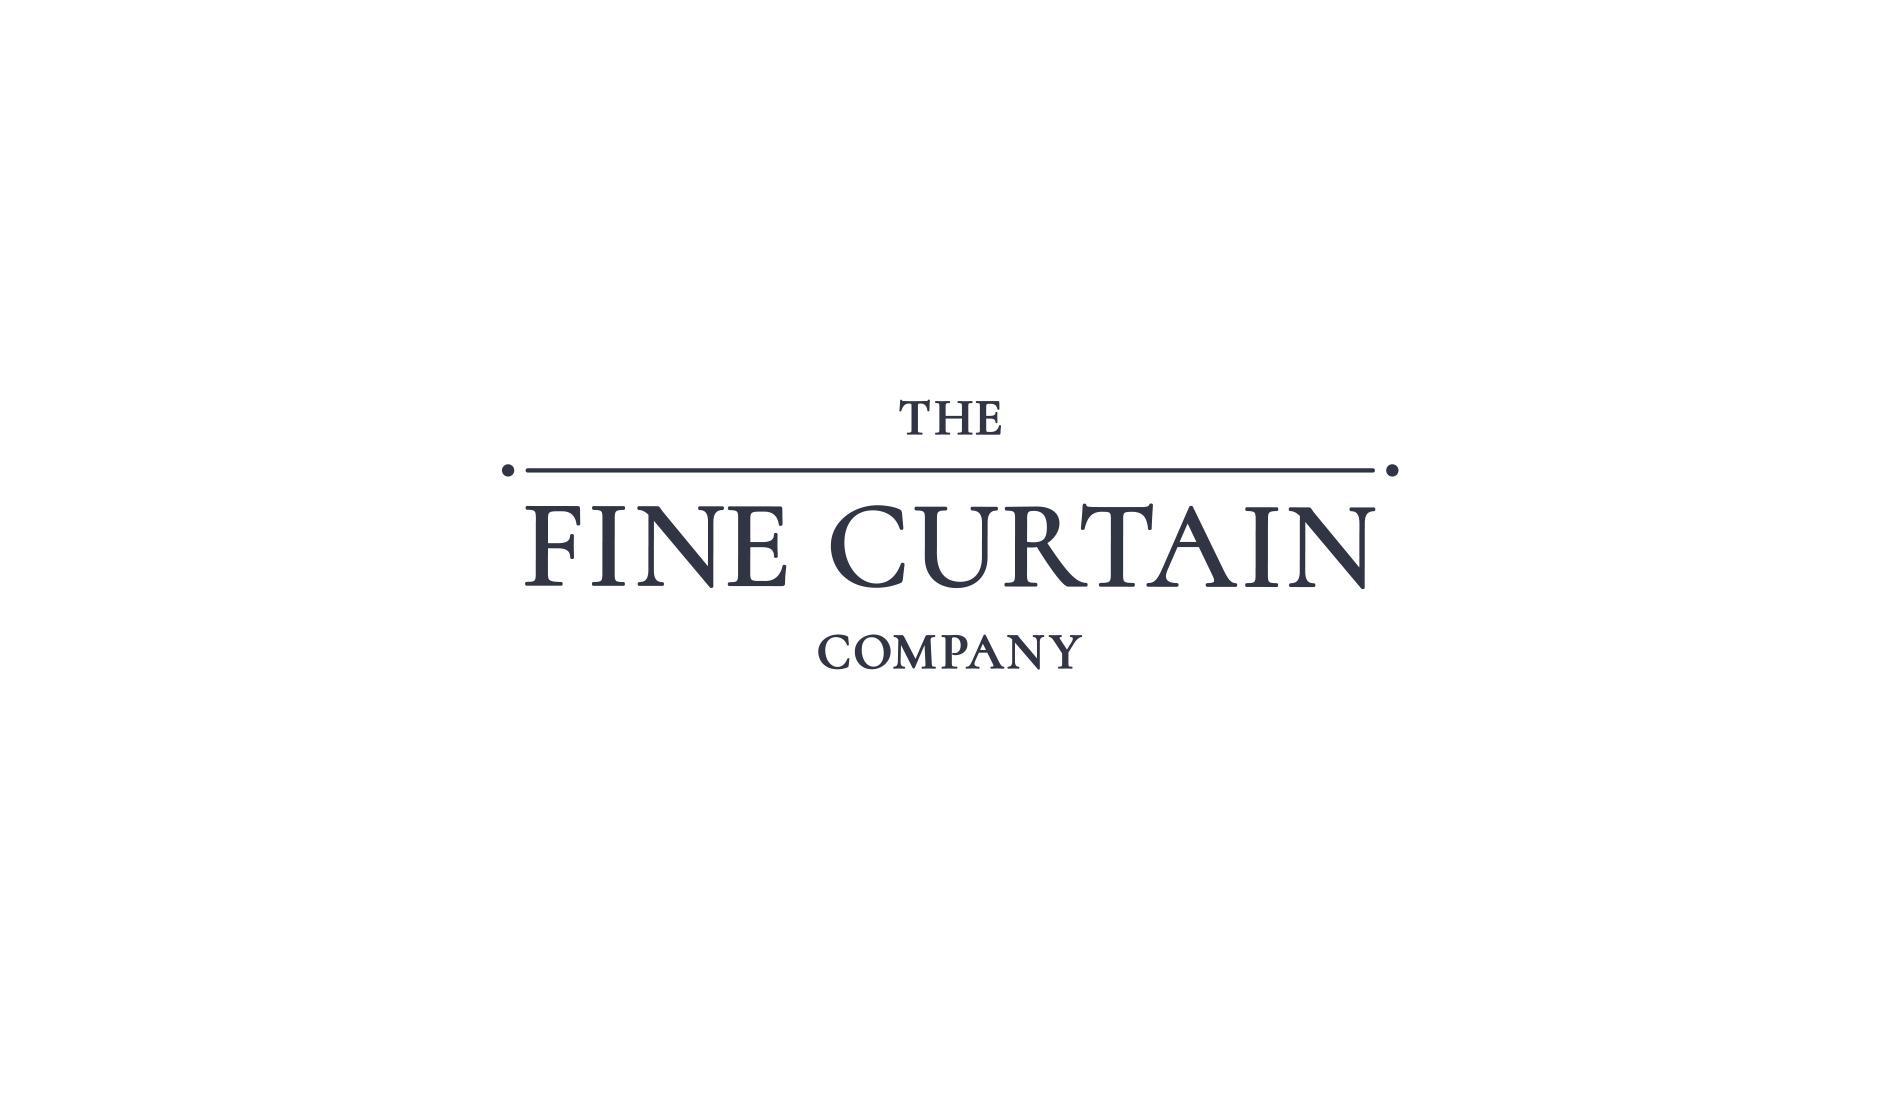 fine curtain company logo